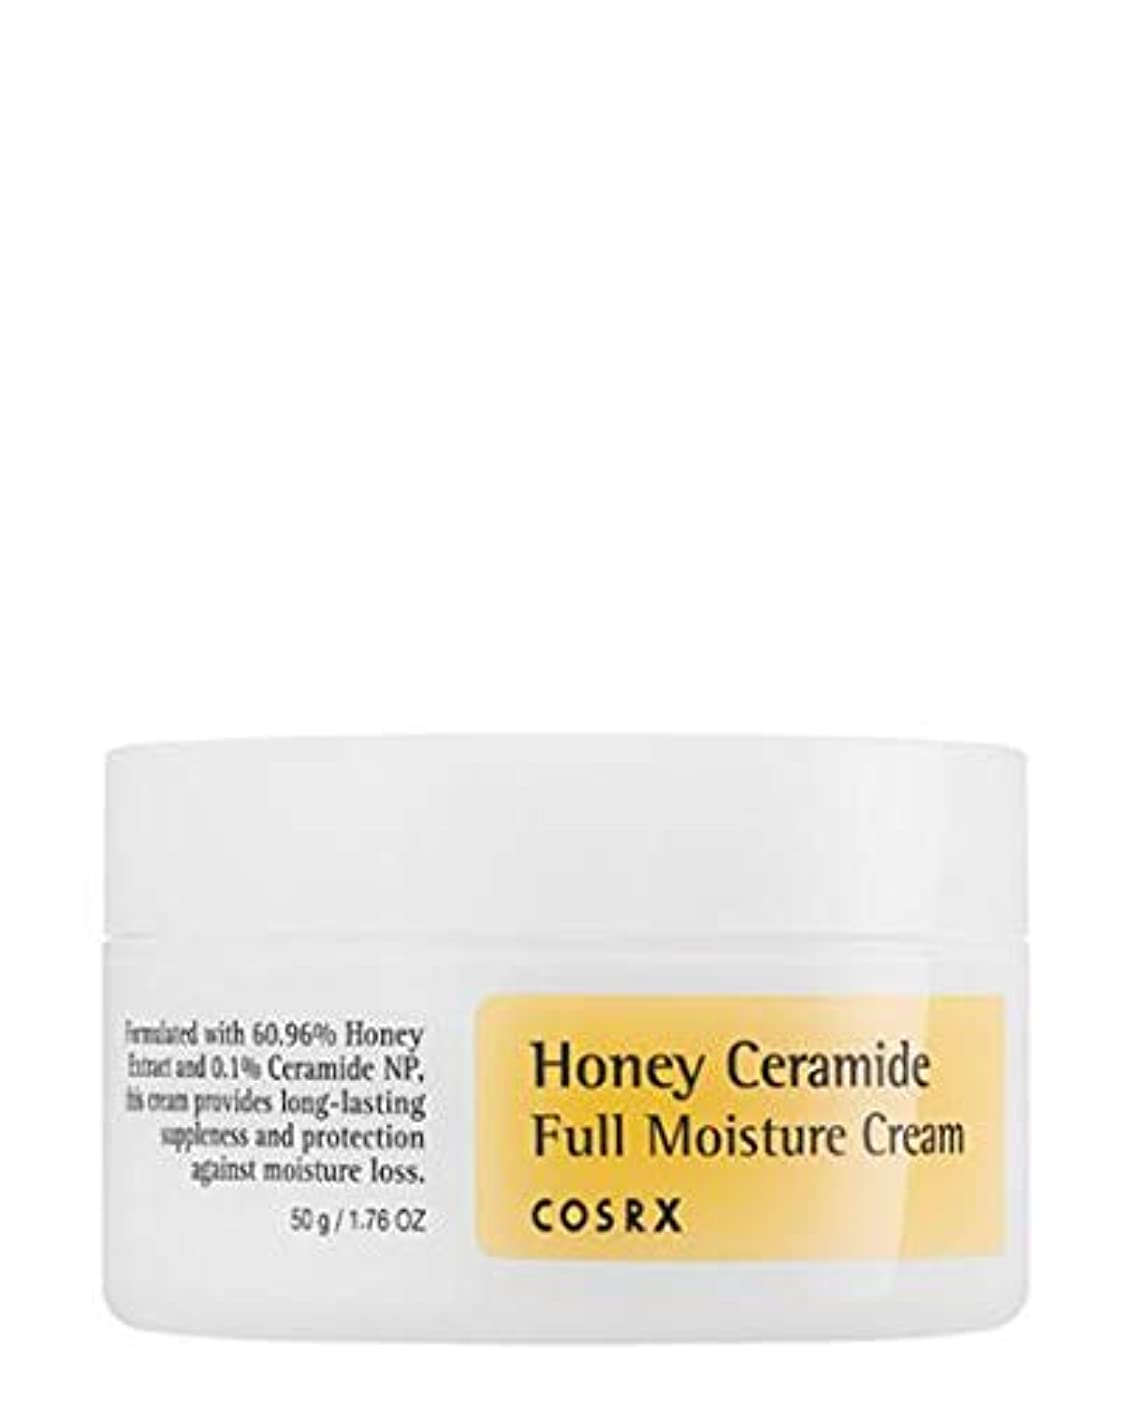 強化環境に優しい記事COSRX Honey Ceramide Full Moisture Cream (並行輸入品)